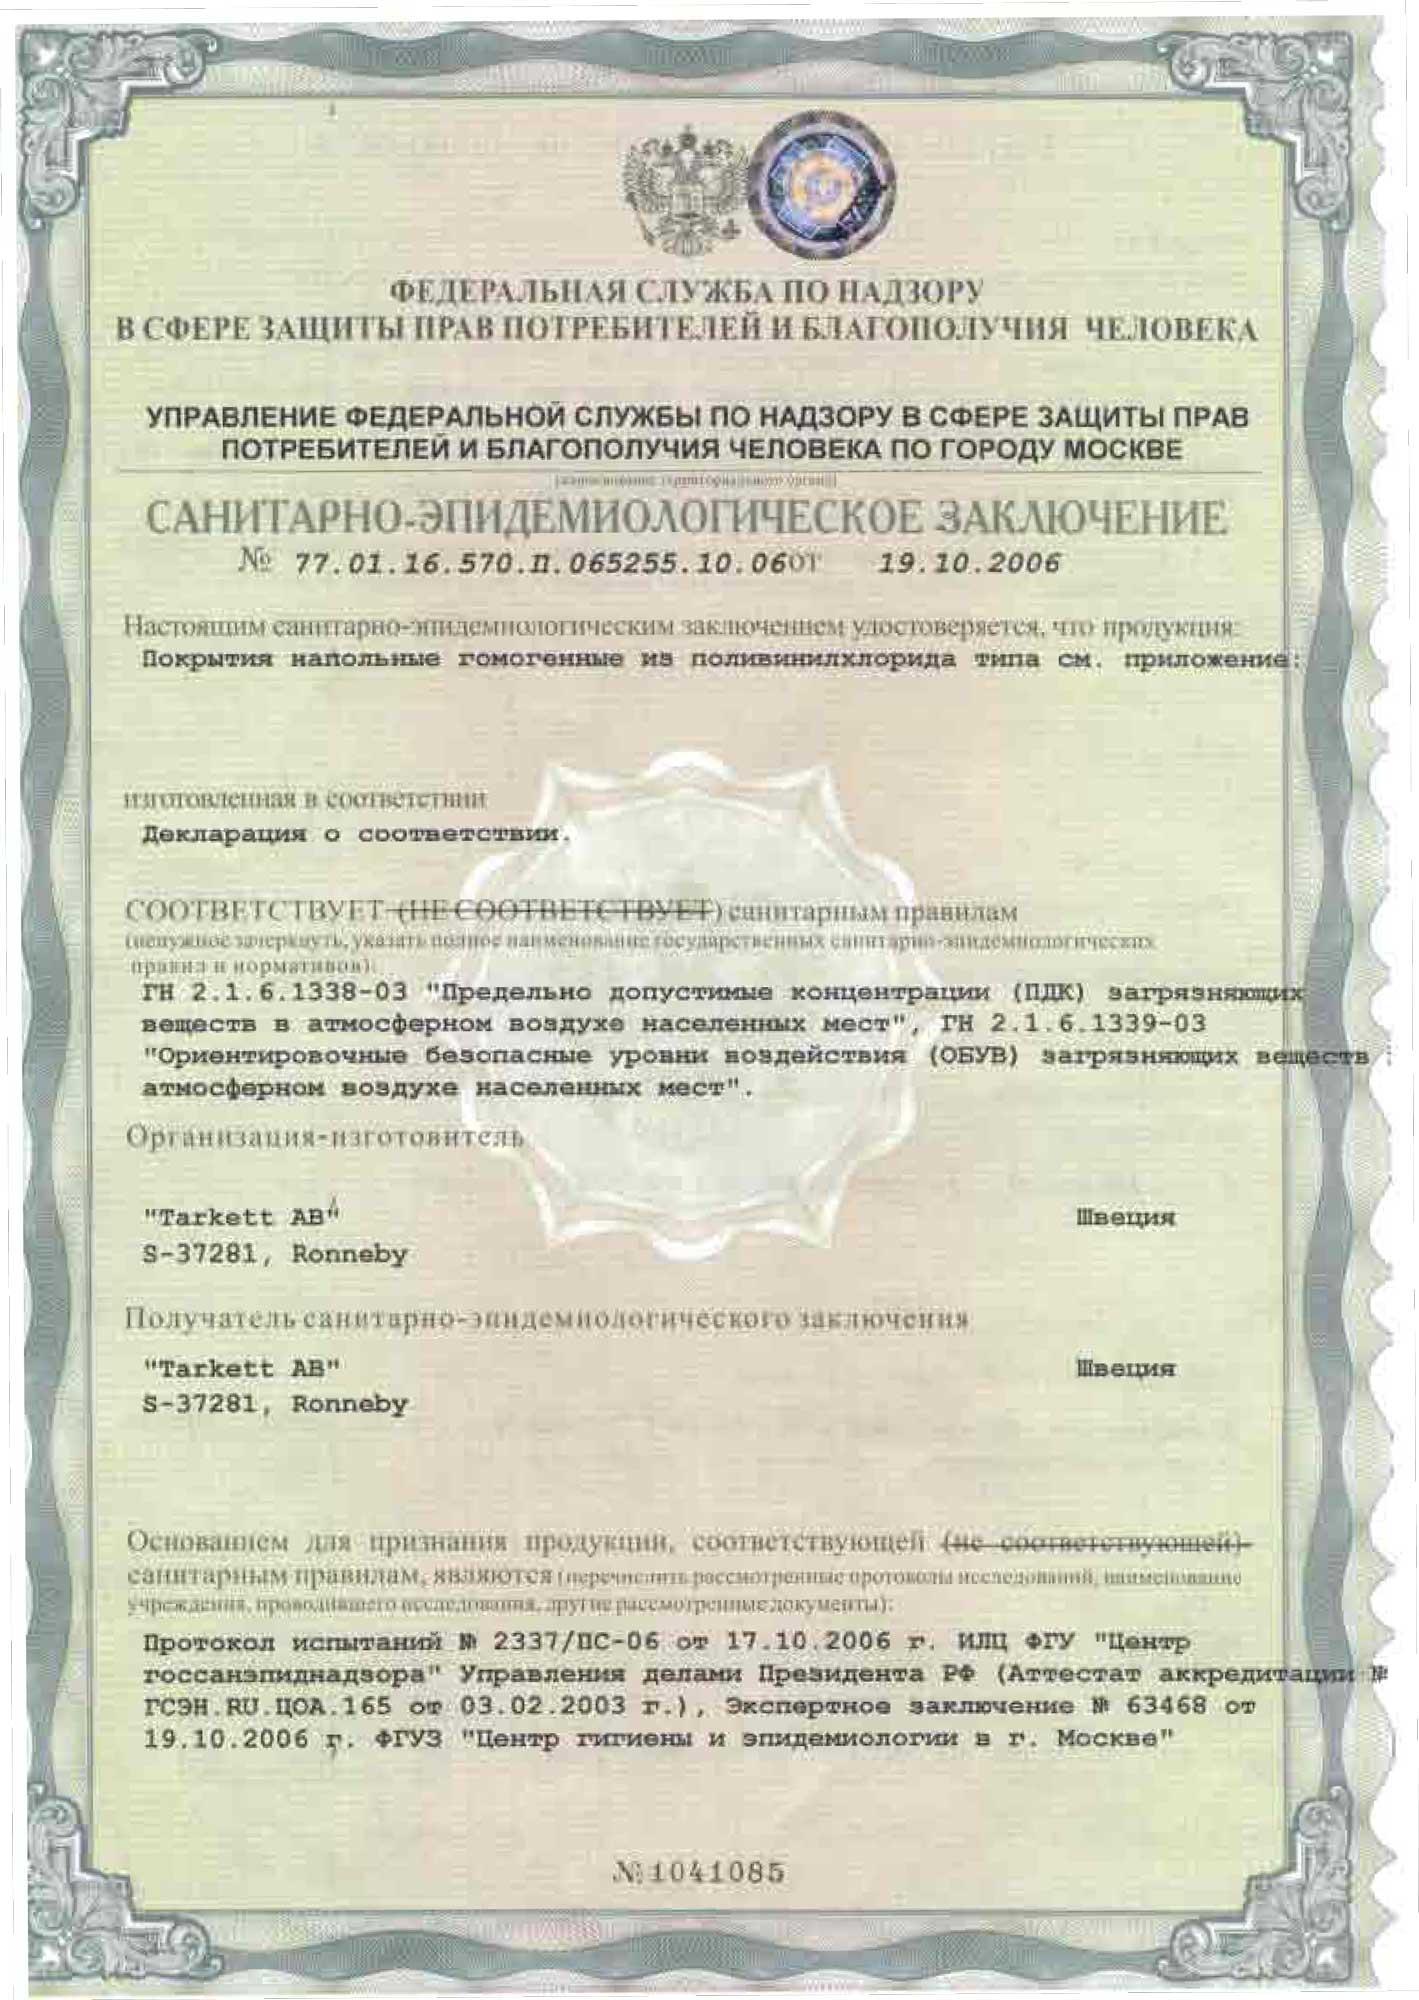 Сертификаты Соответствия На Линолеум Скачать Бесплатно